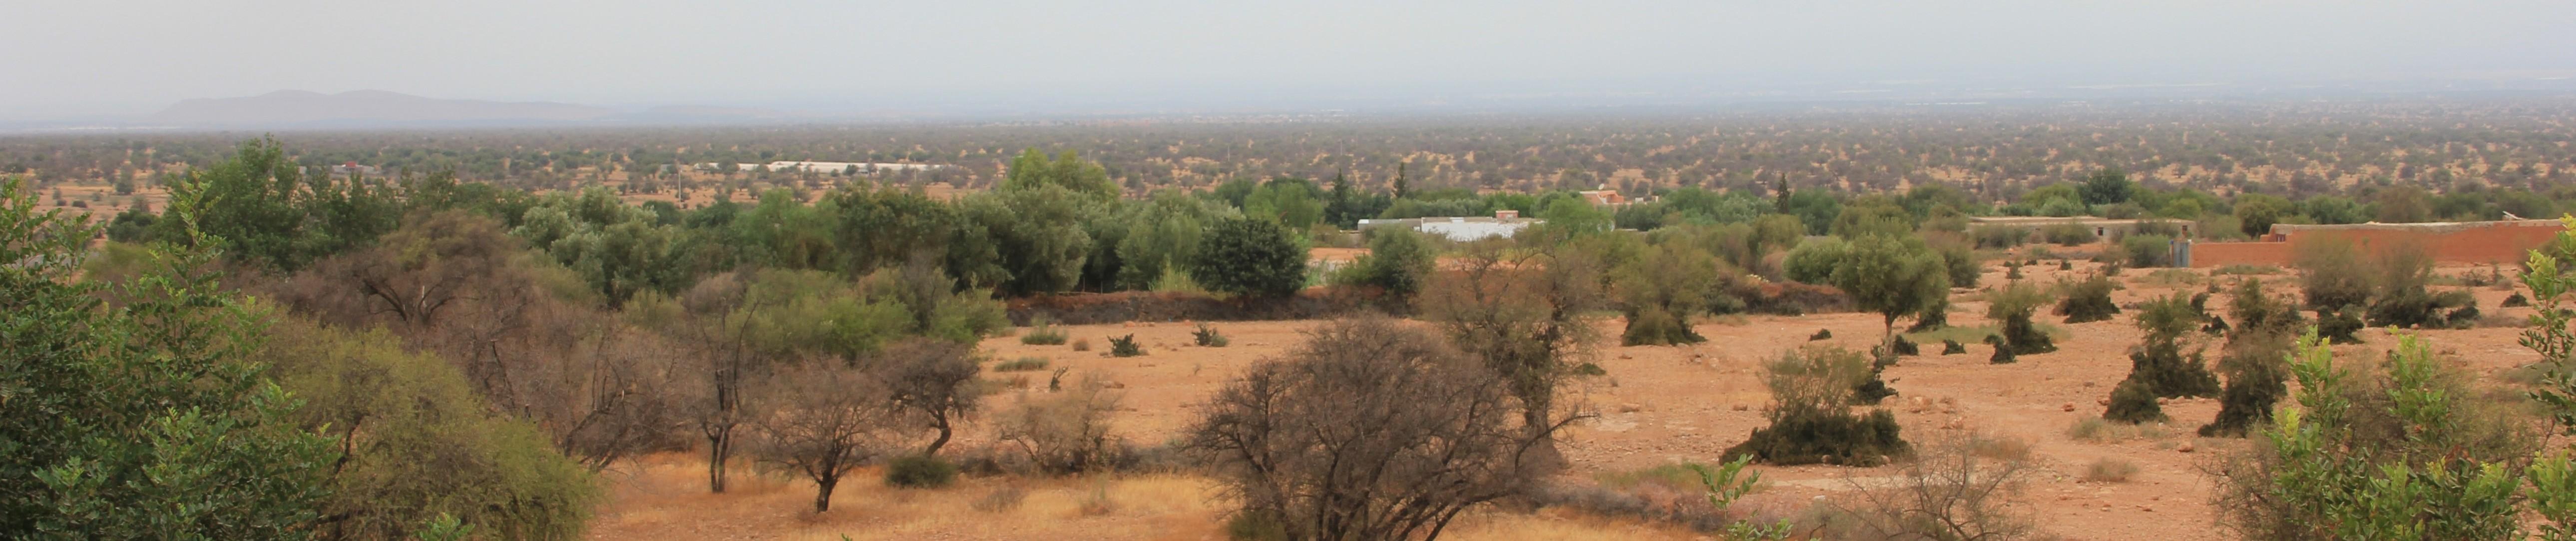 Région où sont produits l'argan et le safran